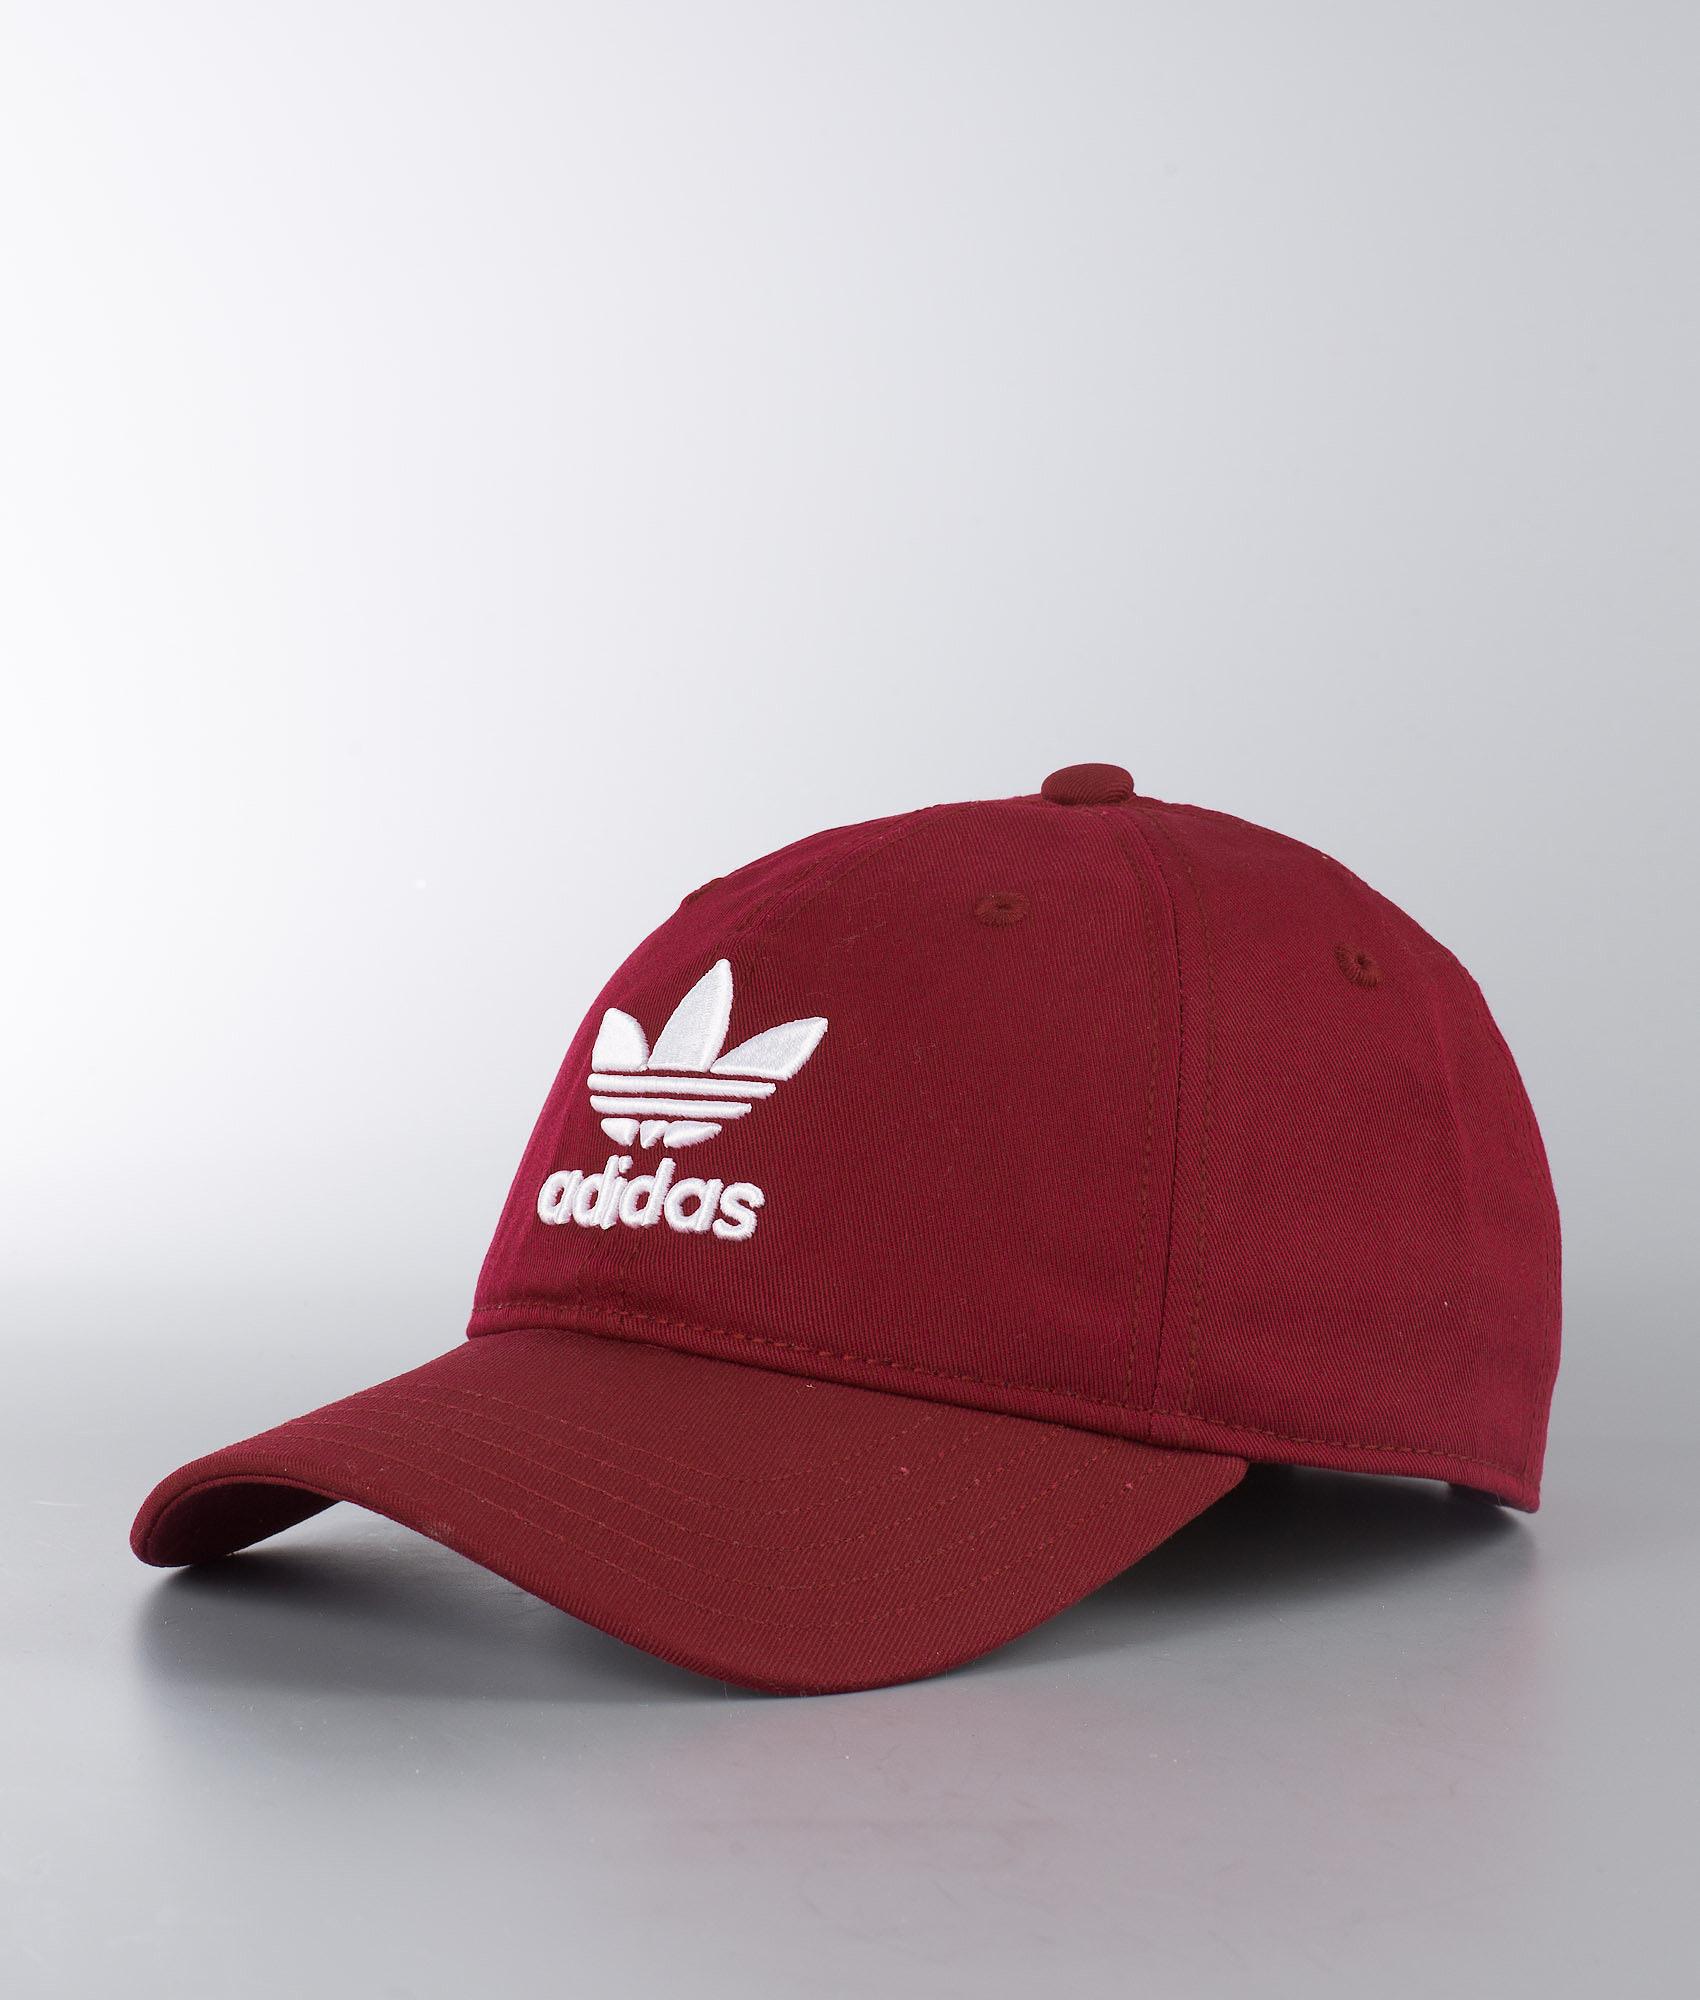 05c729eb639 Adidas Originals